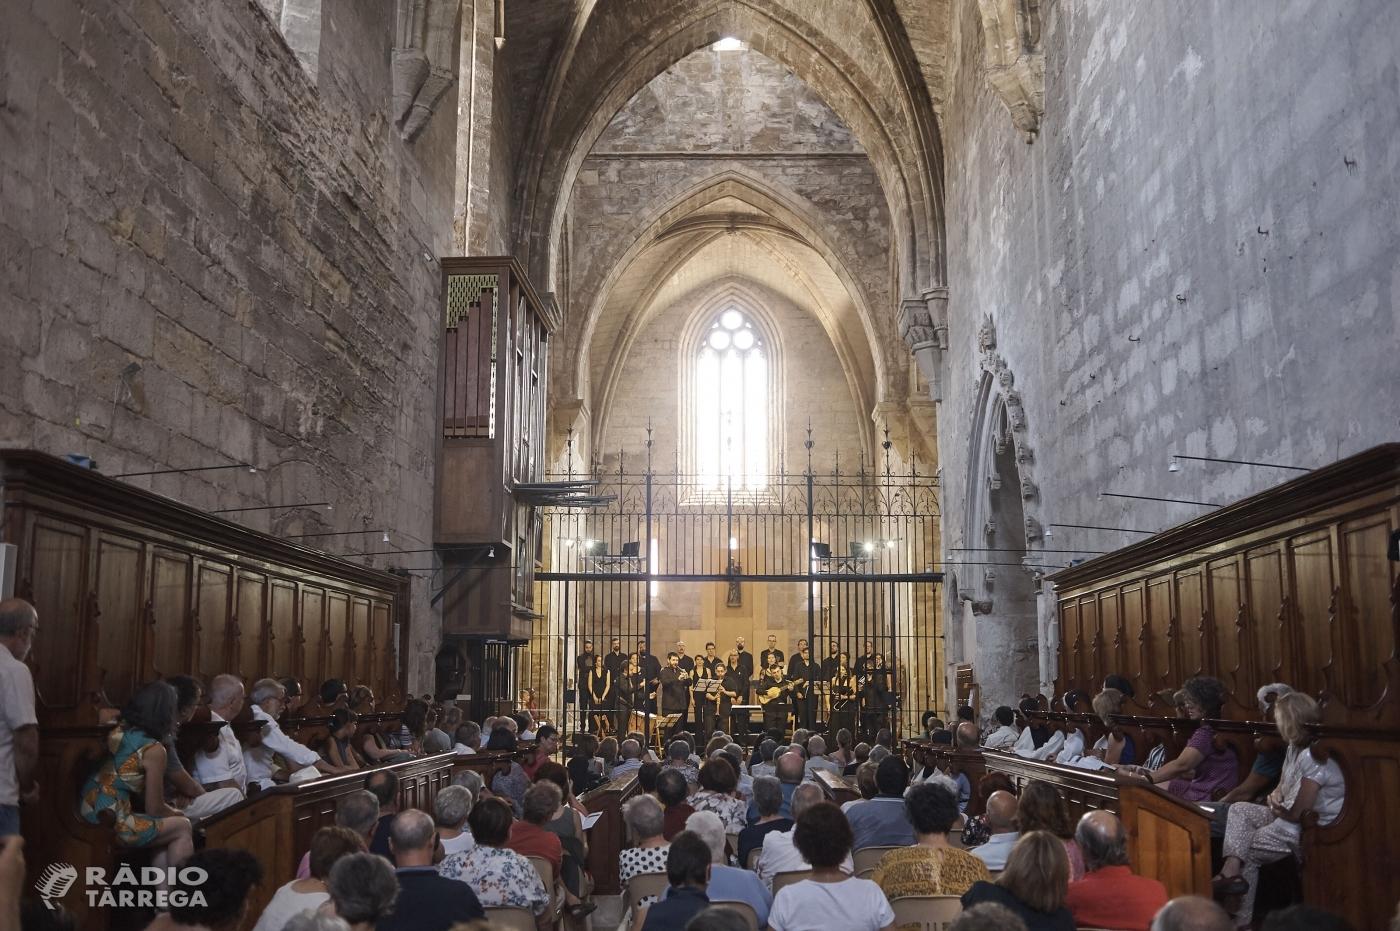 El cicle musical exclusiu 'La Pedra Parla' al Reial Monestir de Vallbona de les Monges reuneix 400 persones en dos dies